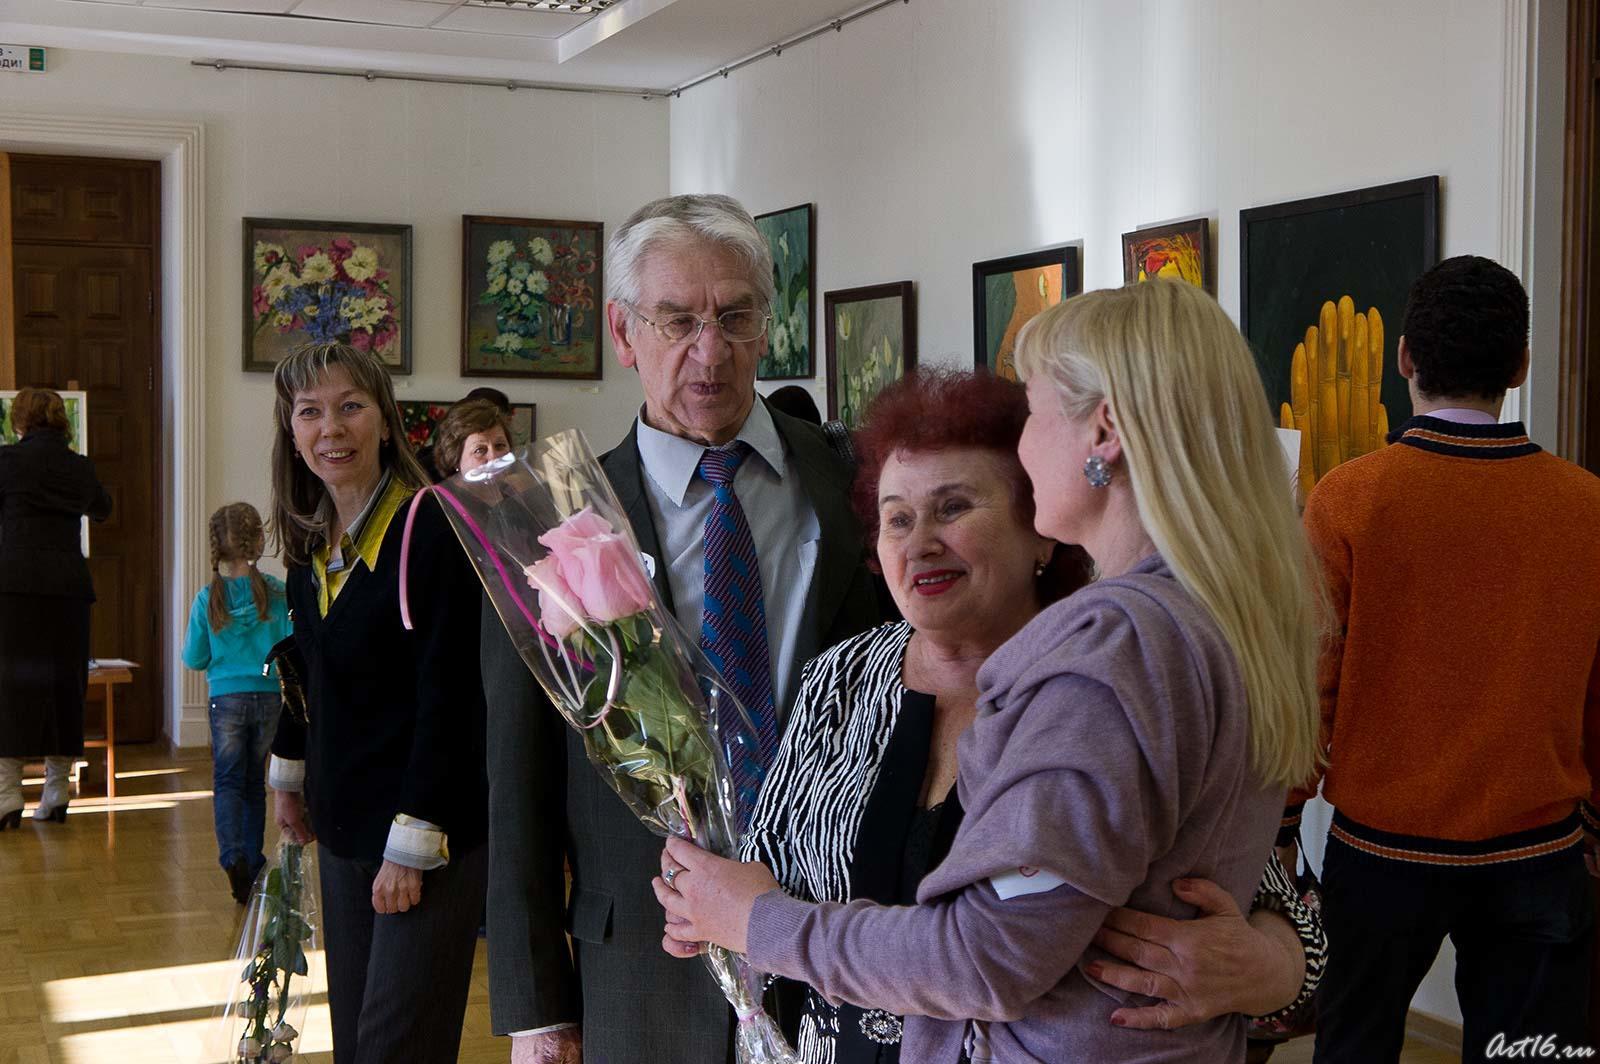 Миля Нуруллина принимает поздравления::Миля Нуруллина. Юбилейная выставка-2011